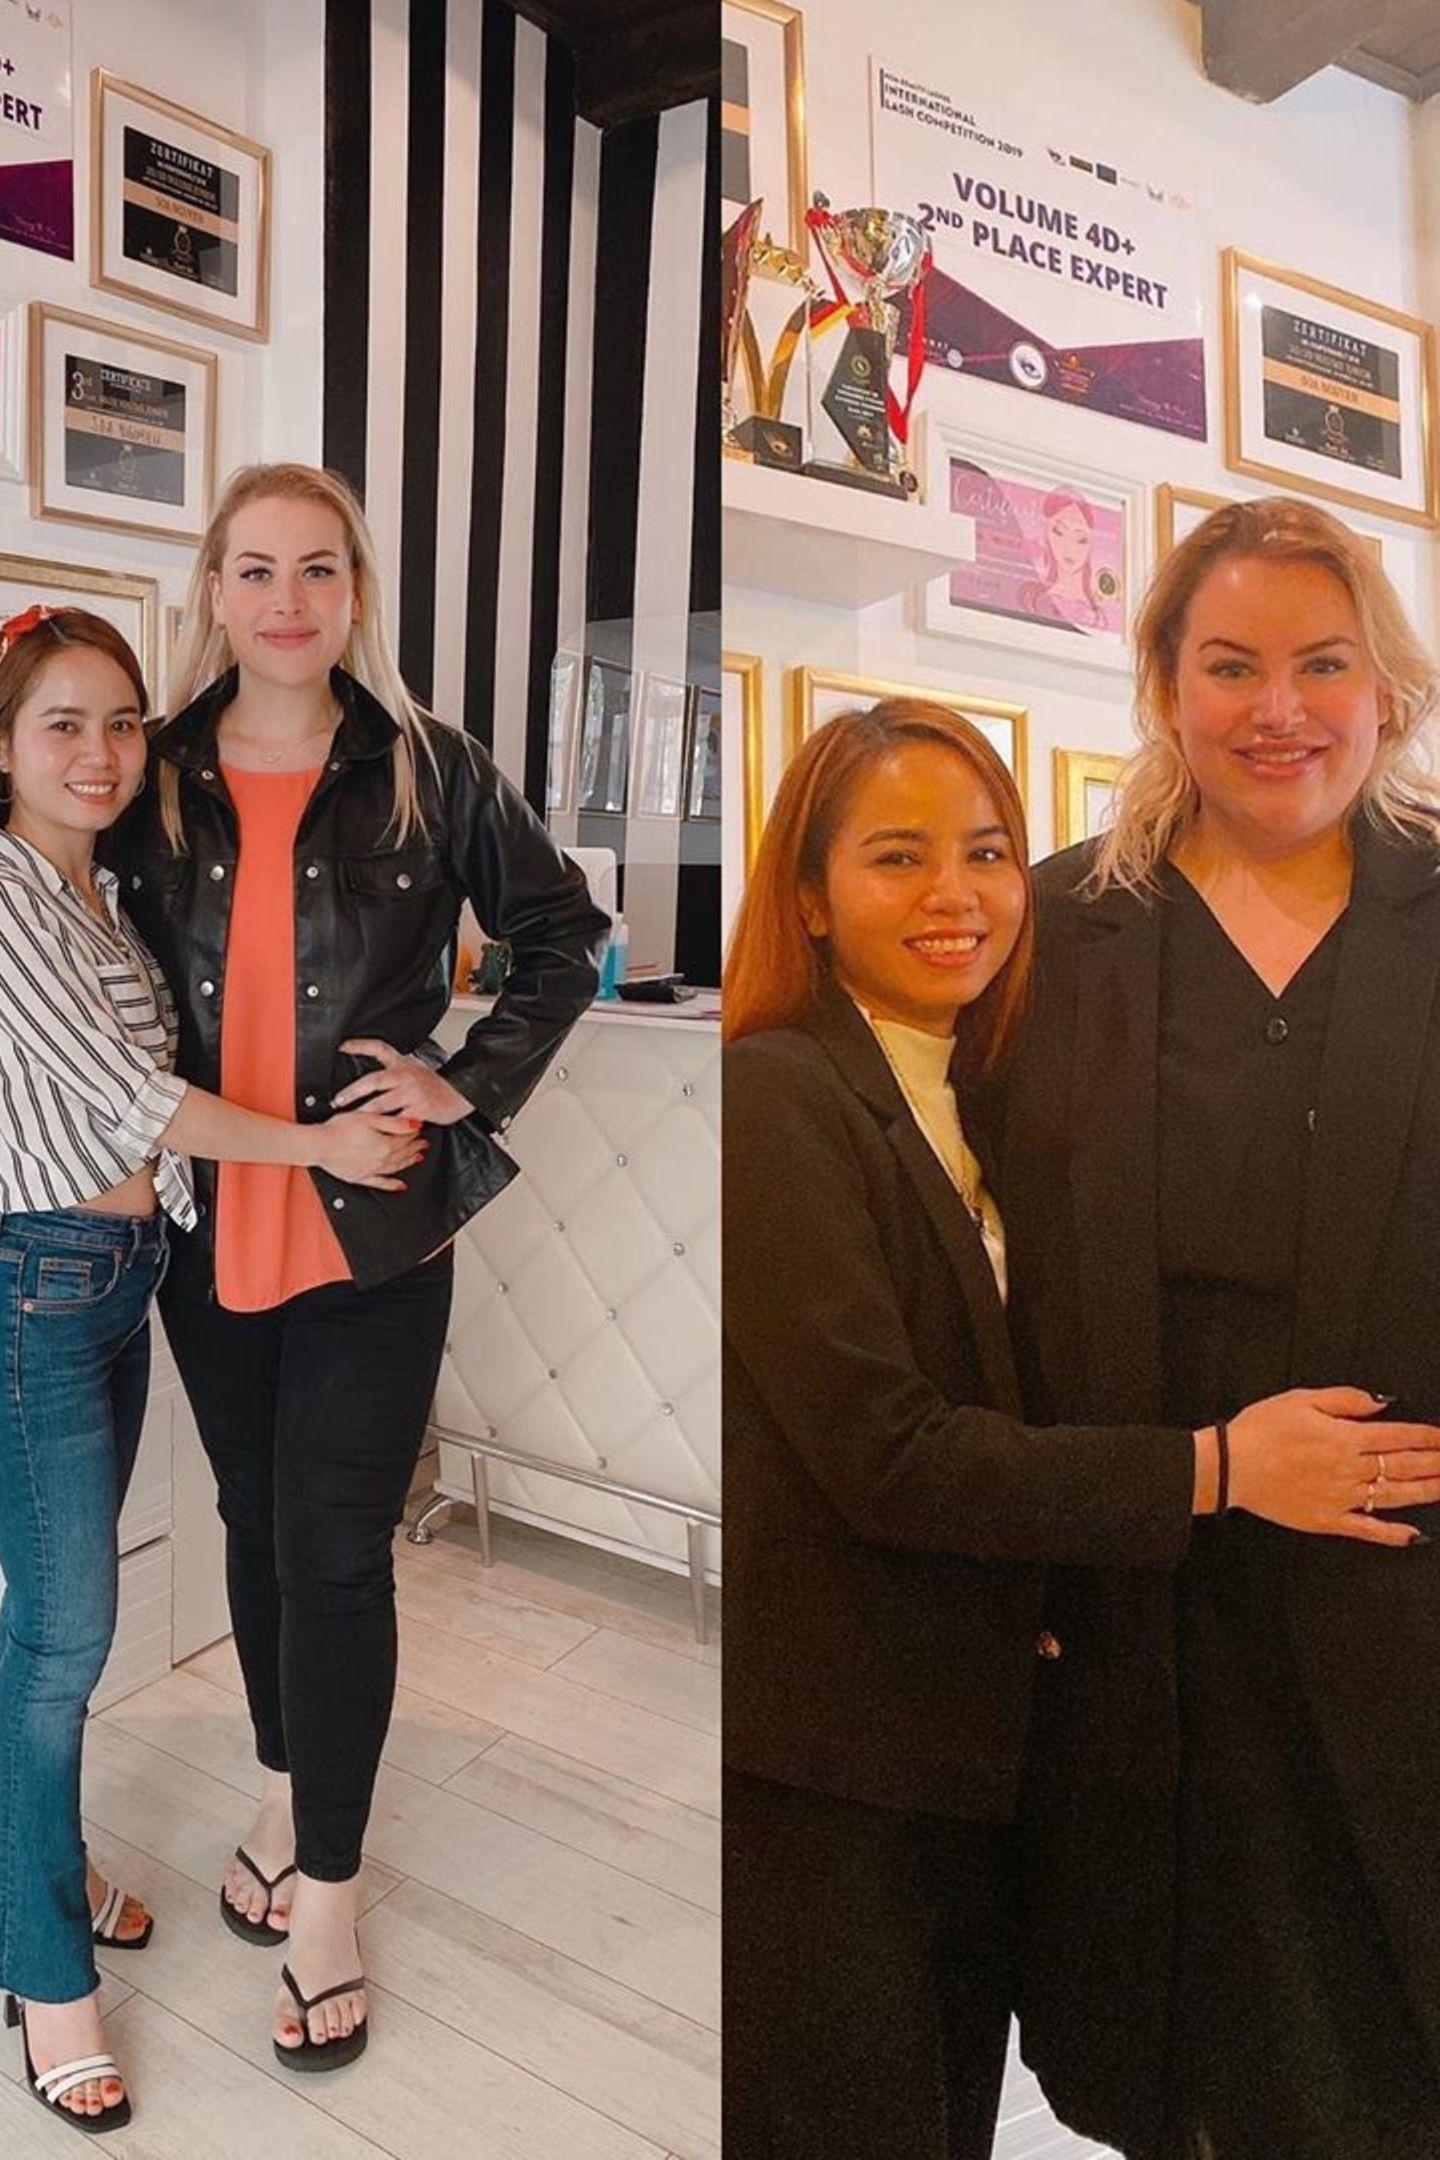 Zwischen diesen Fotos von DSDS-Teilnehmerin Aline Bachmann liegen neun knallharte Monate und 75 Kilo Gewichtsverlust. Die ambitionierte Dresdnerin plant, noch mehr abzuspecken - doch schon jetzt ist sie eine völlig neue, glücklicheund gesunde Frau.